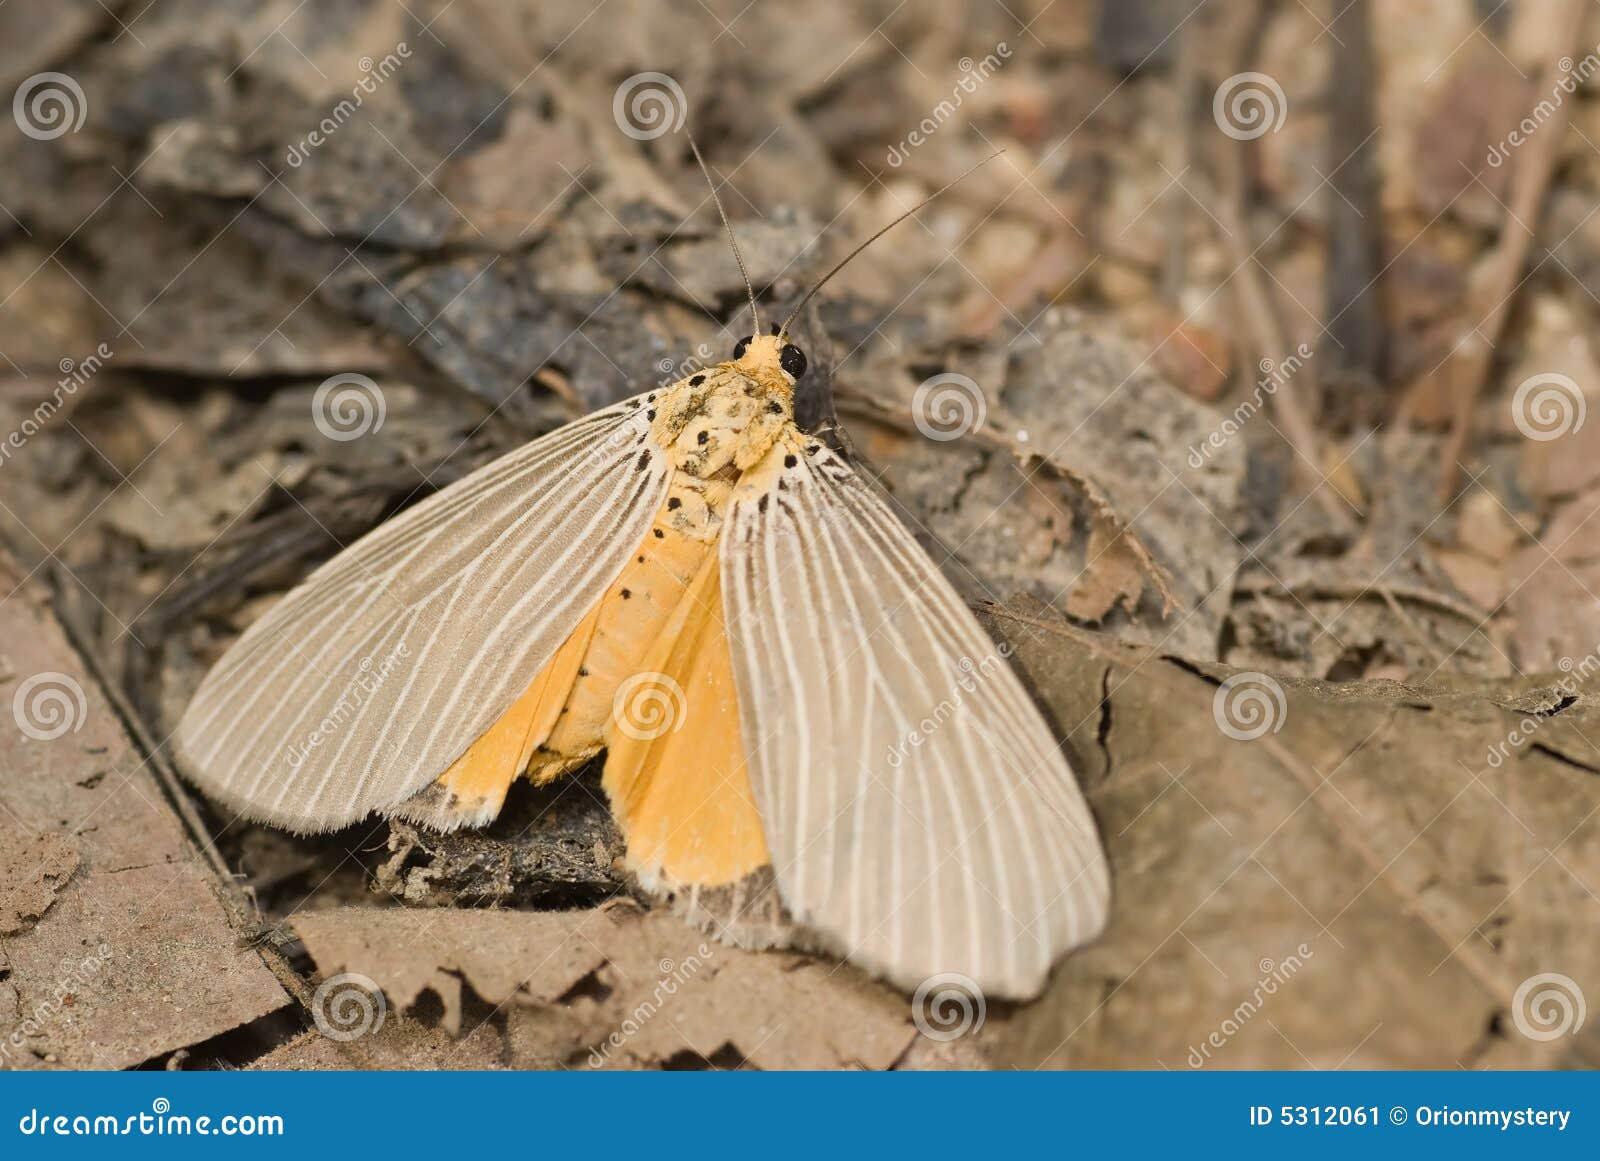 Download Lepidottero immagine stock. Immagine di esterno, nero - 5312061